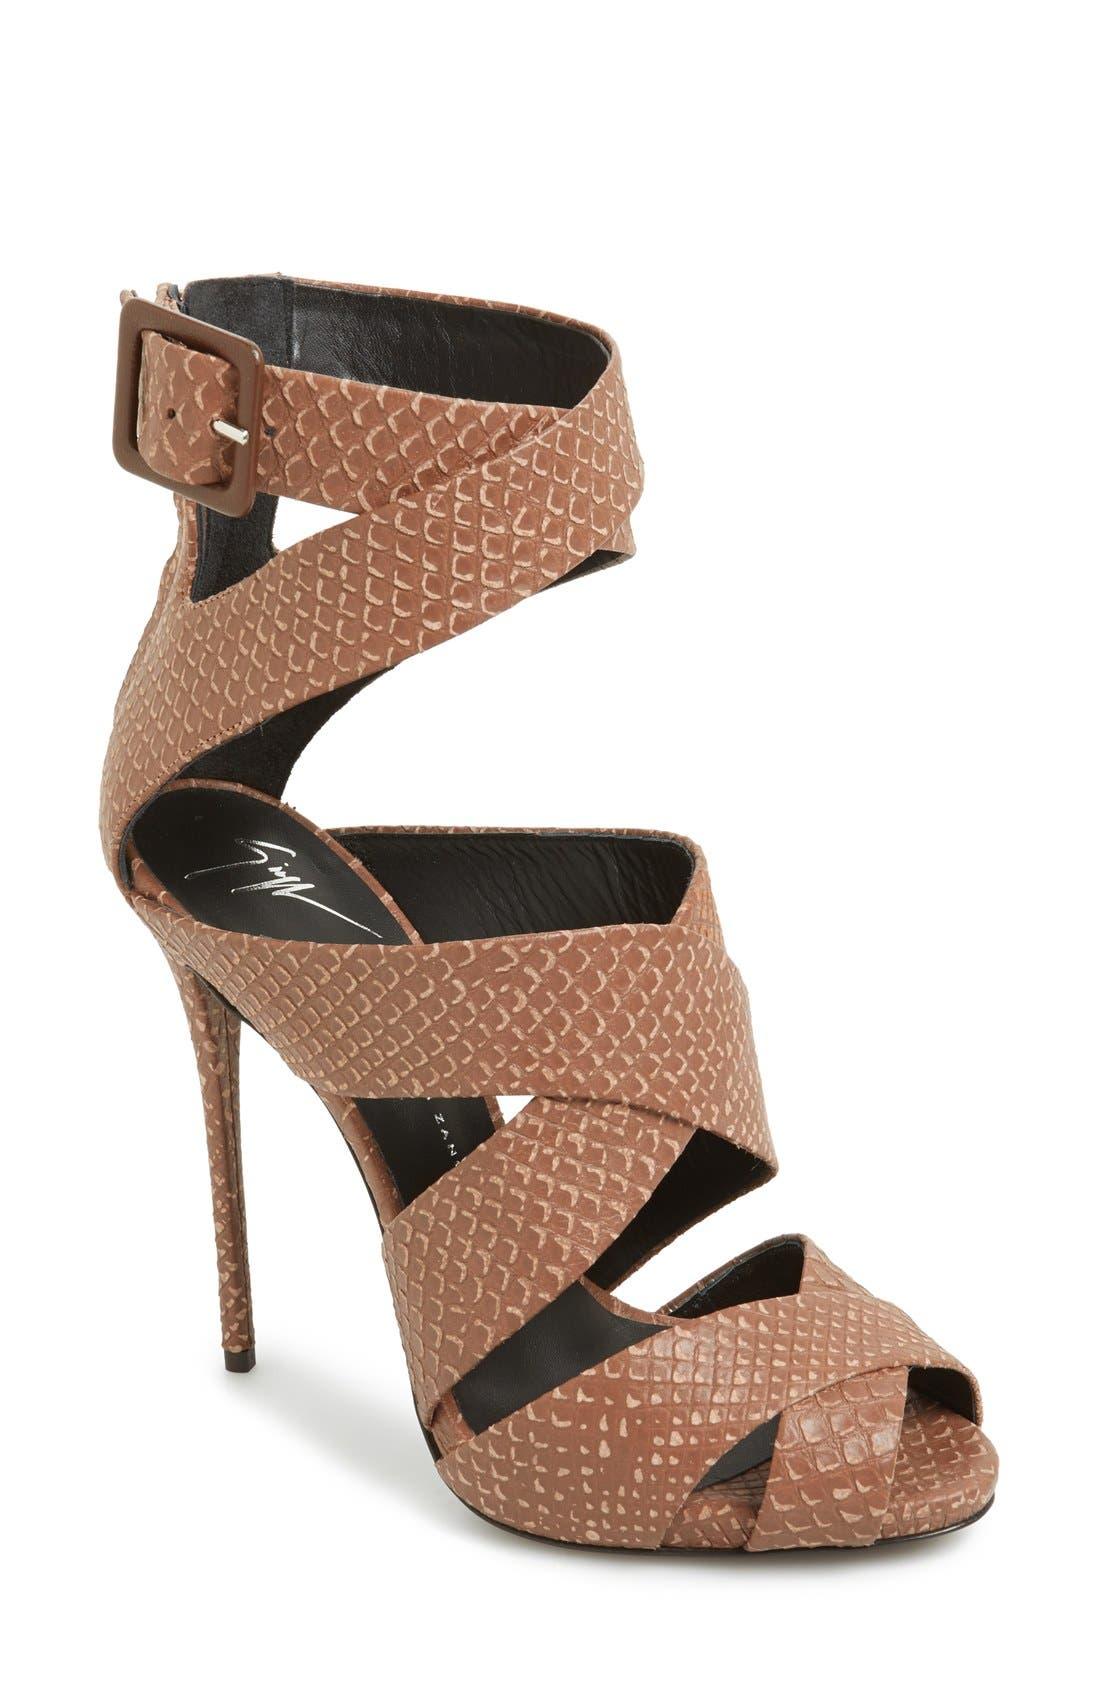 Alternate Image 1 Selected - Giuseppe Zanotti 'Coline' Snake Embossed Leather Sandal (Women)